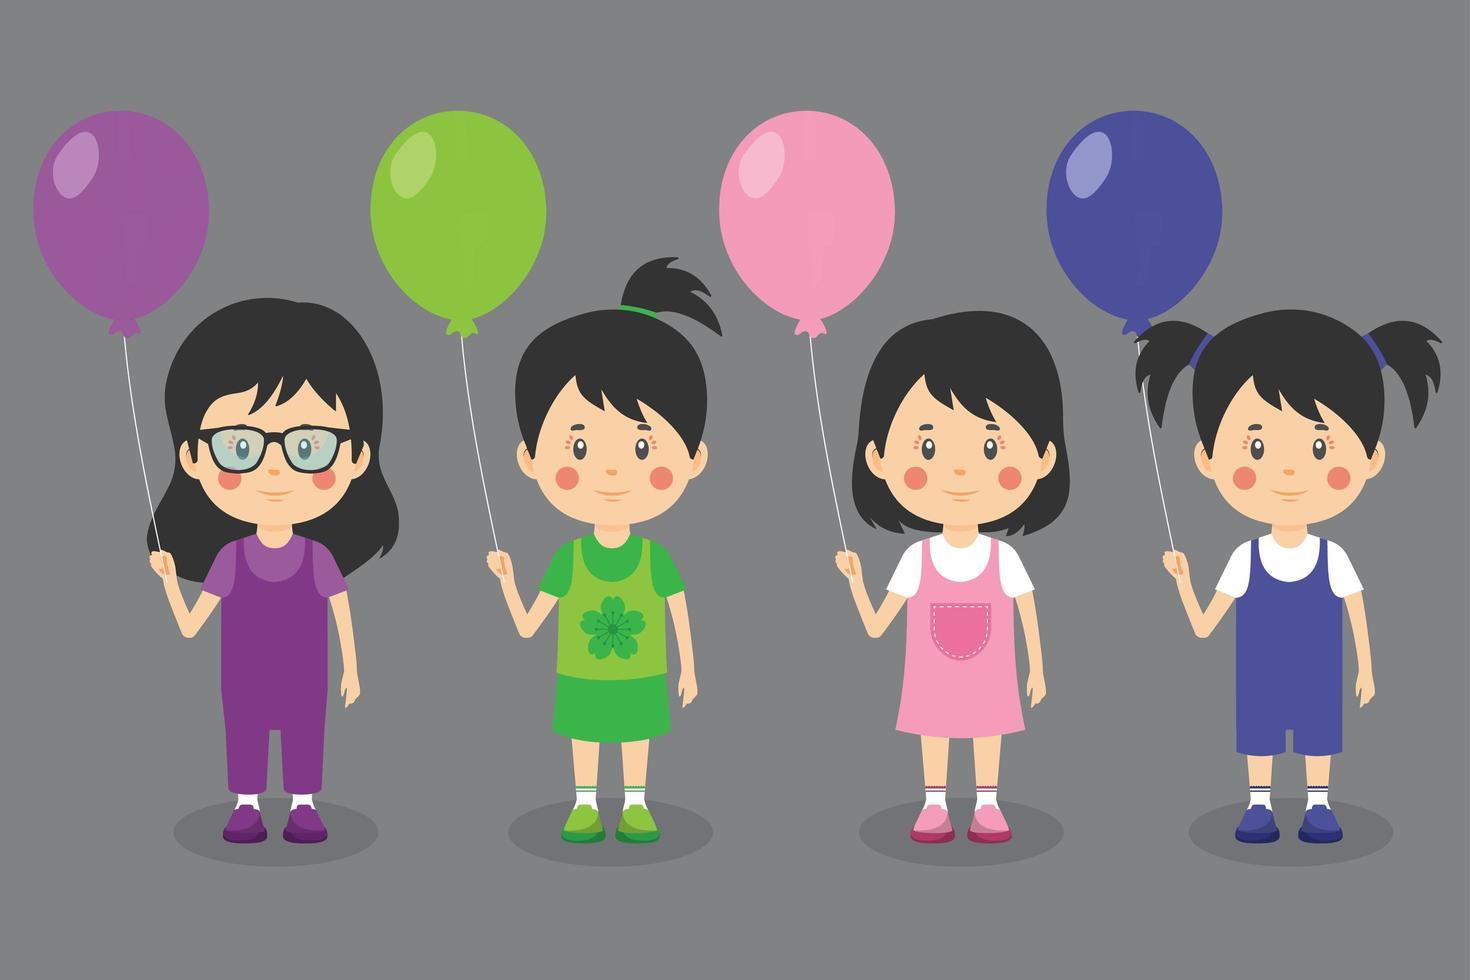 glückliche Mädchenkindcharaktere, die Luftballons halten vektor